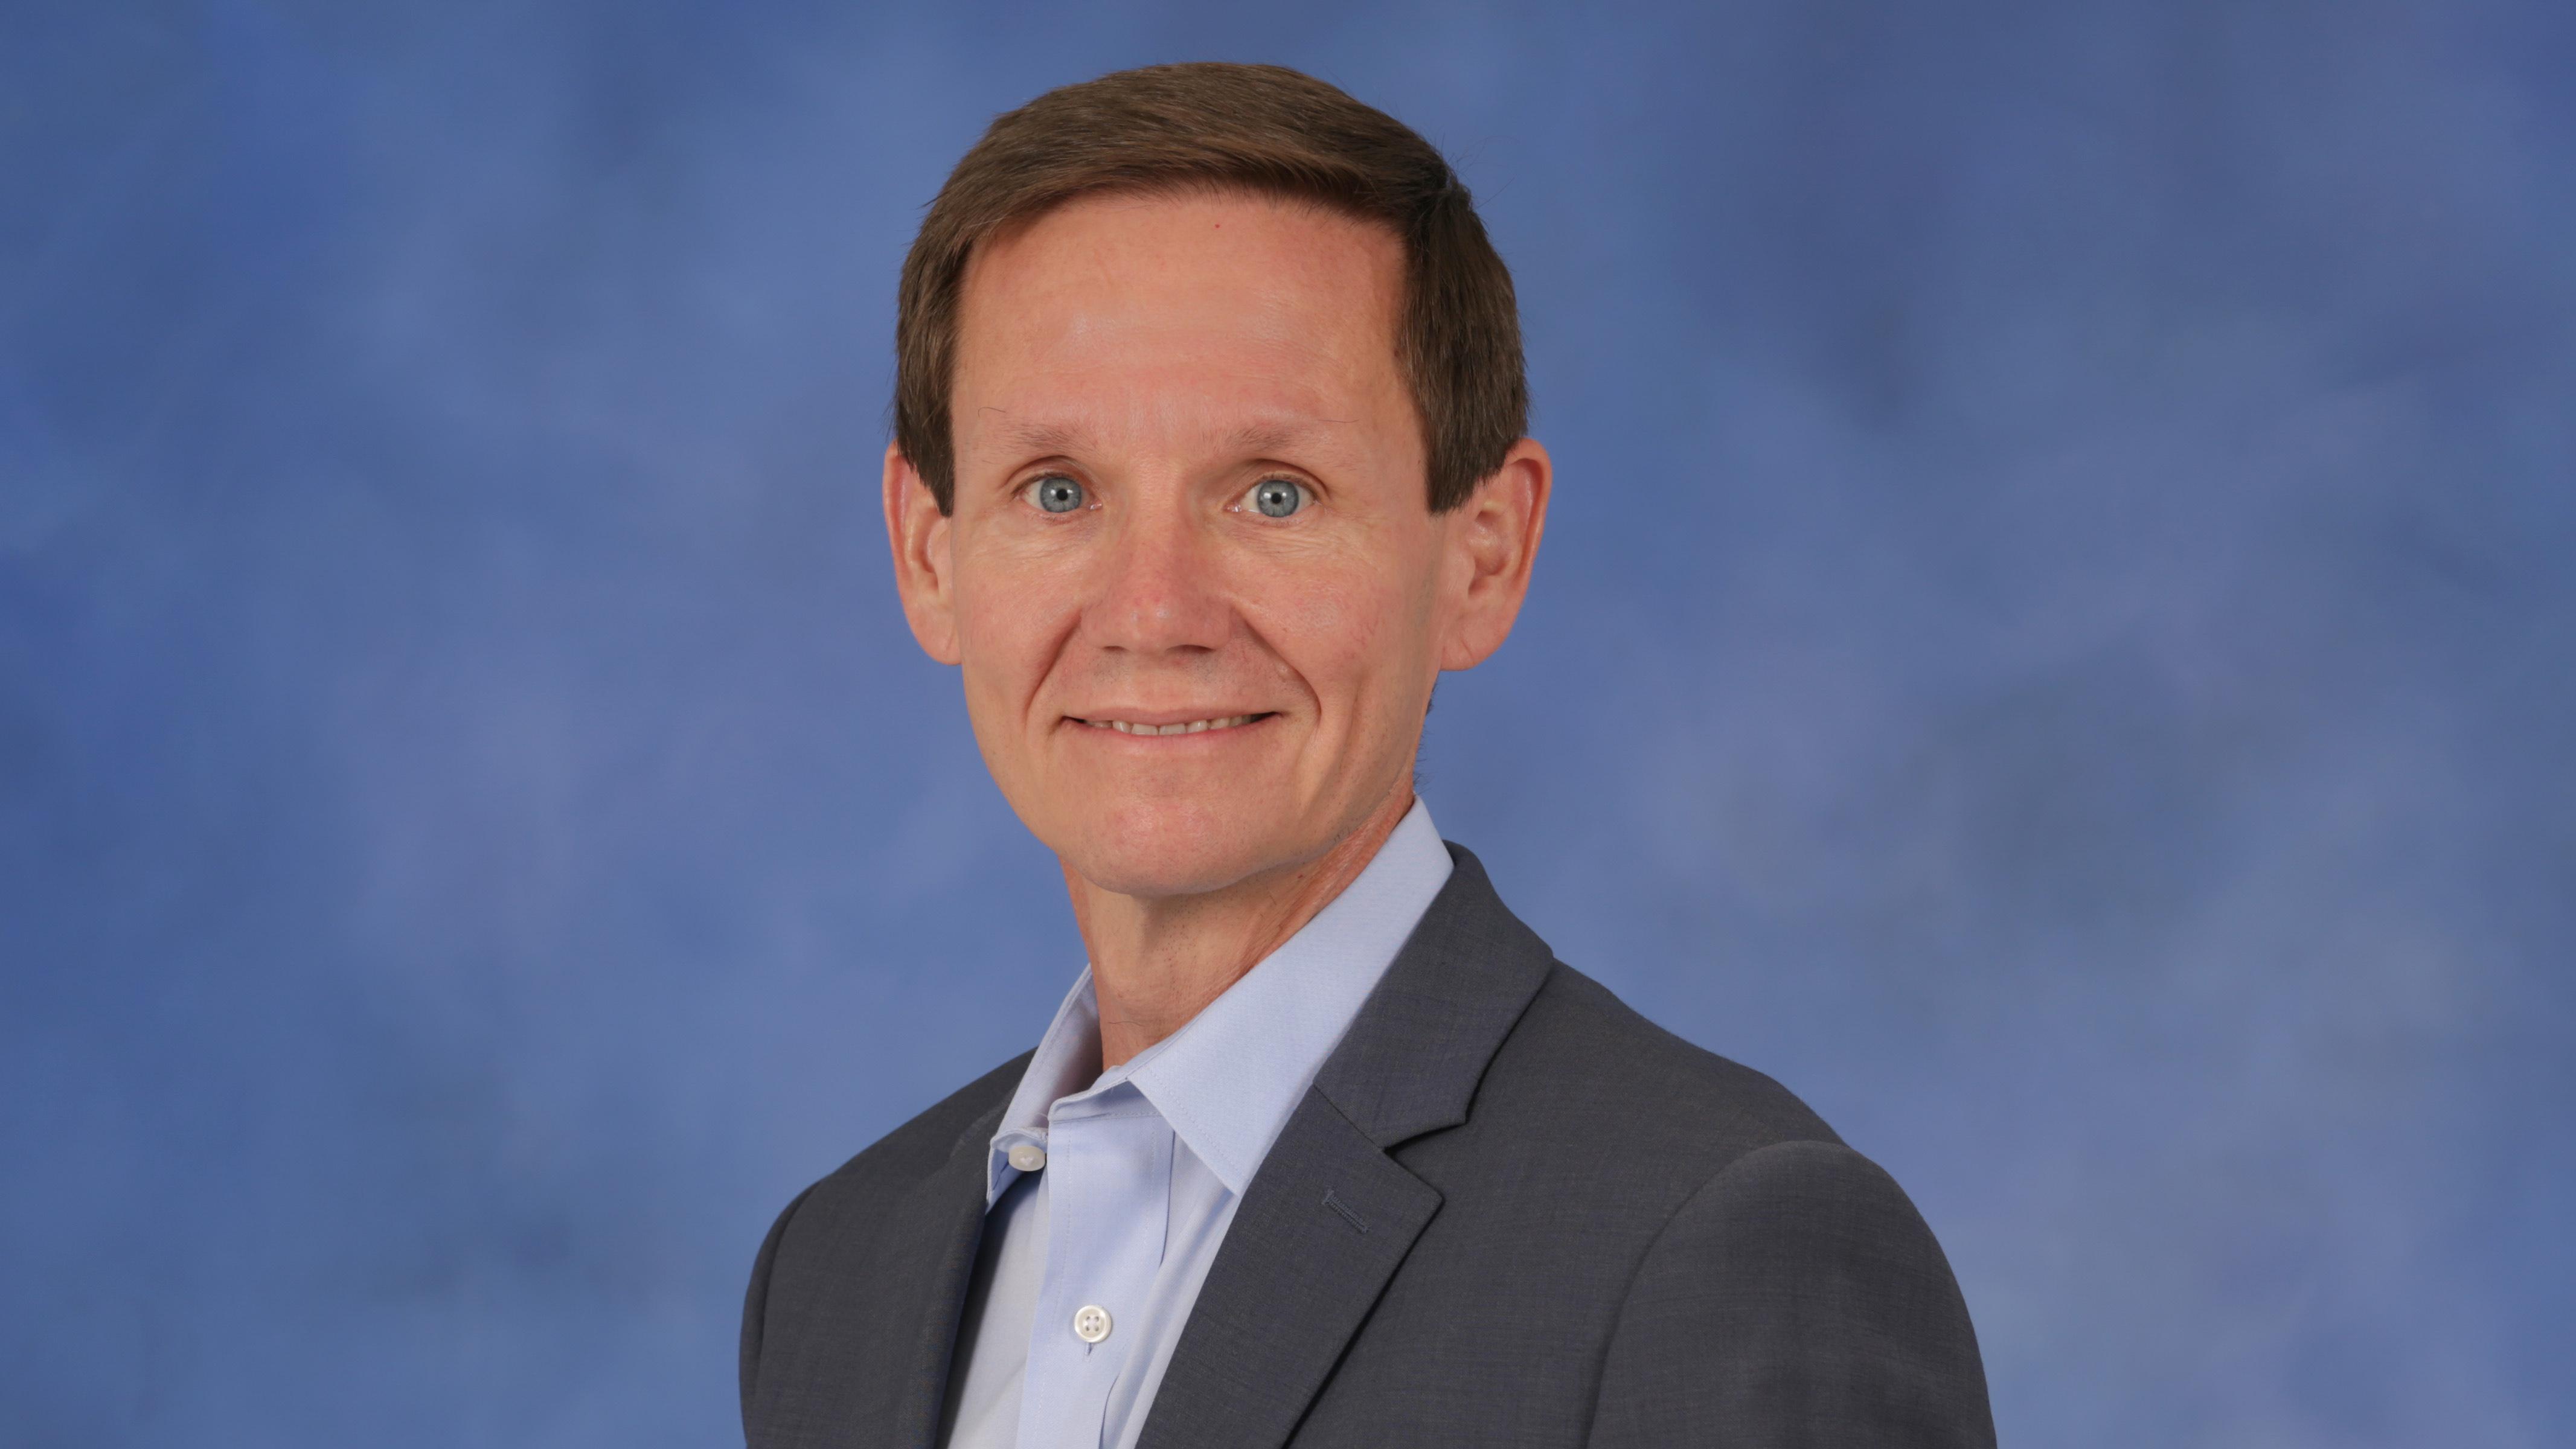 Dr. Thomas Morris